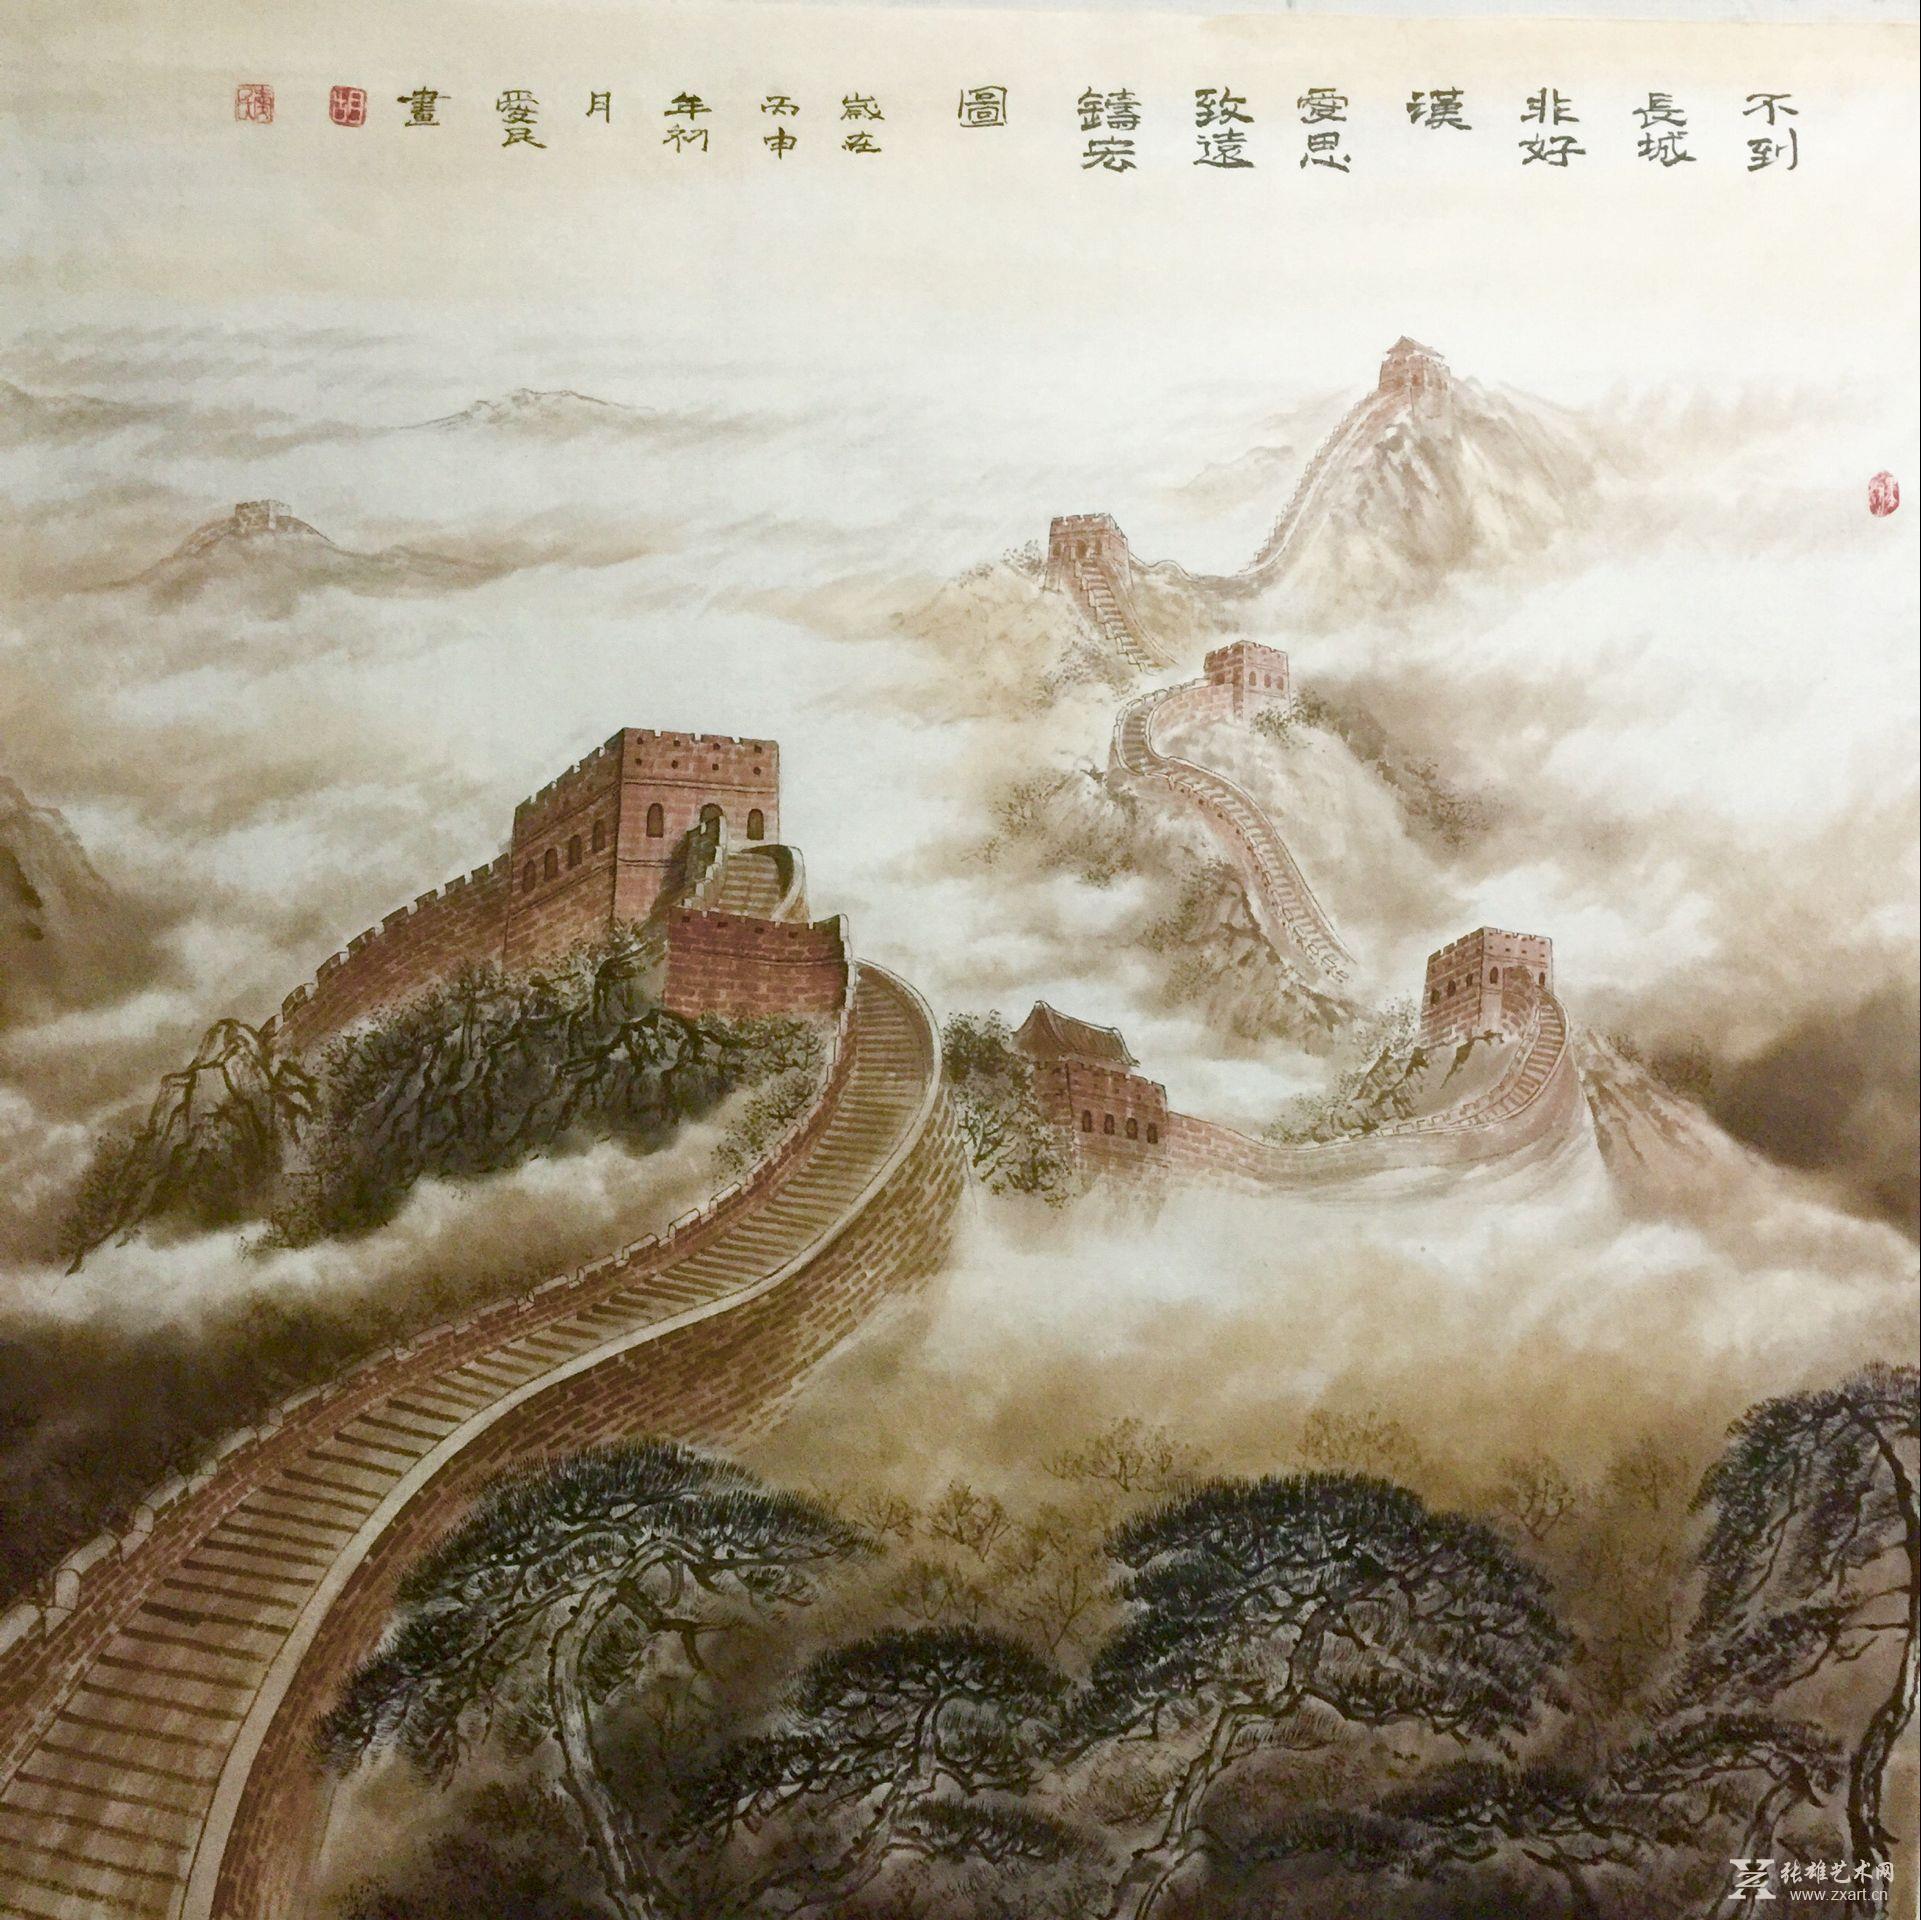 中国书画 国画 山水画 > 胡爱民国画作品 -不到长城非好汉   商品详细